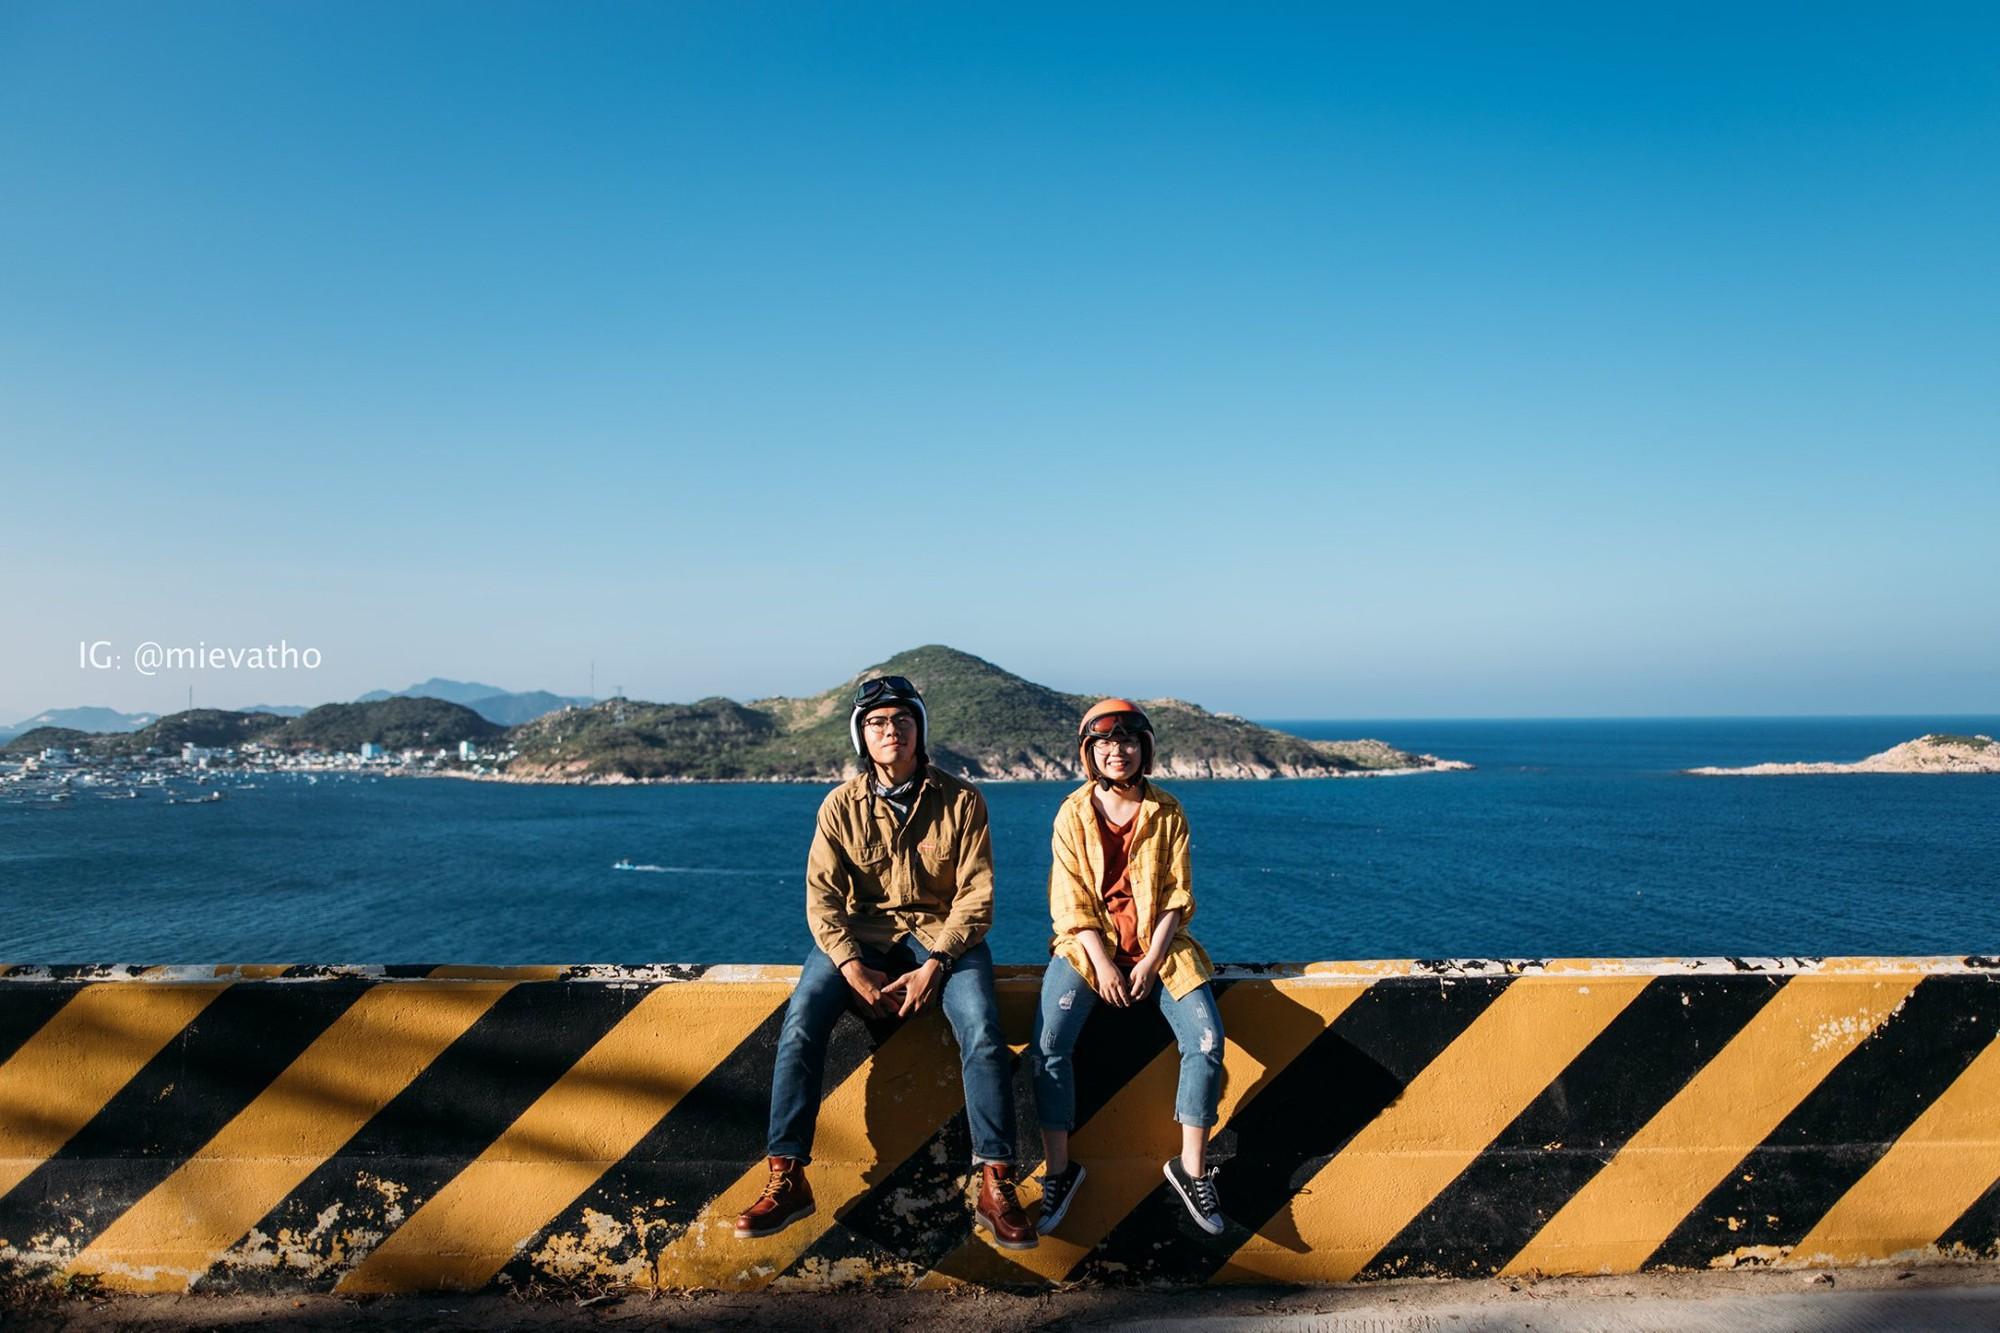 Bộ ảnh du lịch Ninh Thuận của cặp đôi đến từ Hà Nội khiến dân tình thích thú: Mới nhìn thôi đã thấy chill phết! - Ảnh 1.